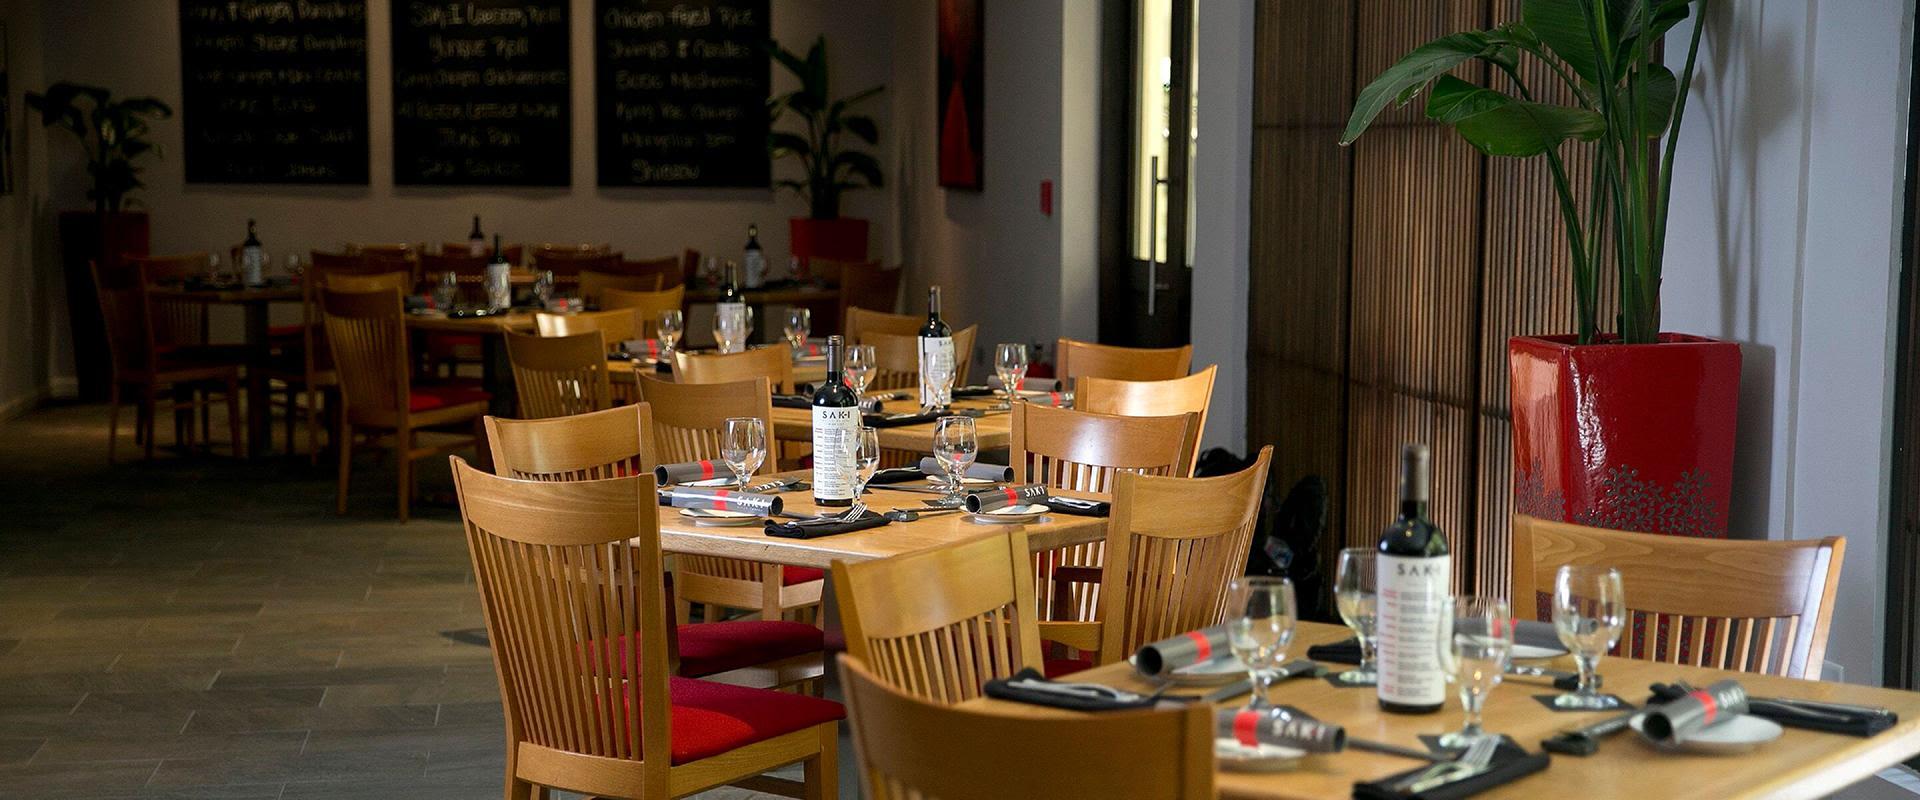 San Juan Resort Restaurant Seating